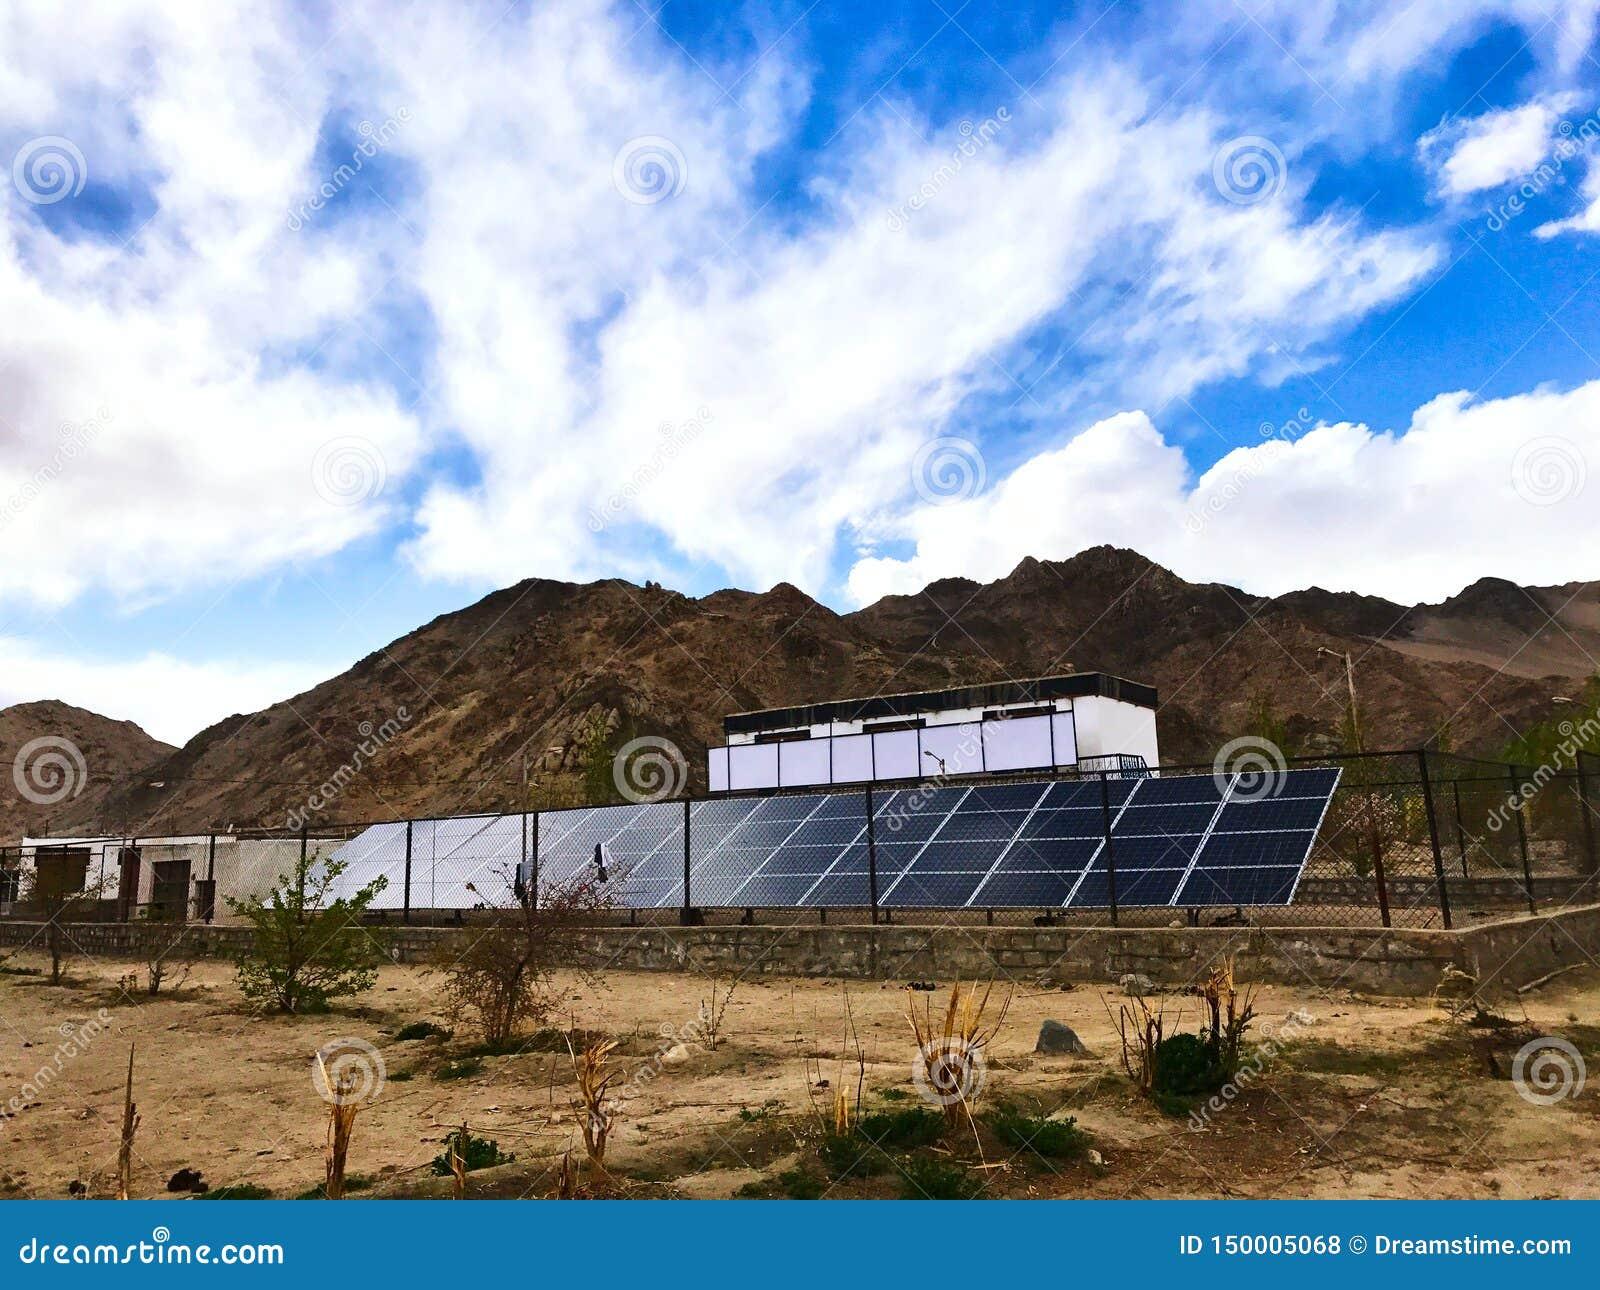 Zonneelektrische centrale die bij hoge hoogte wordt geïnstalleerd - Laddakh, India